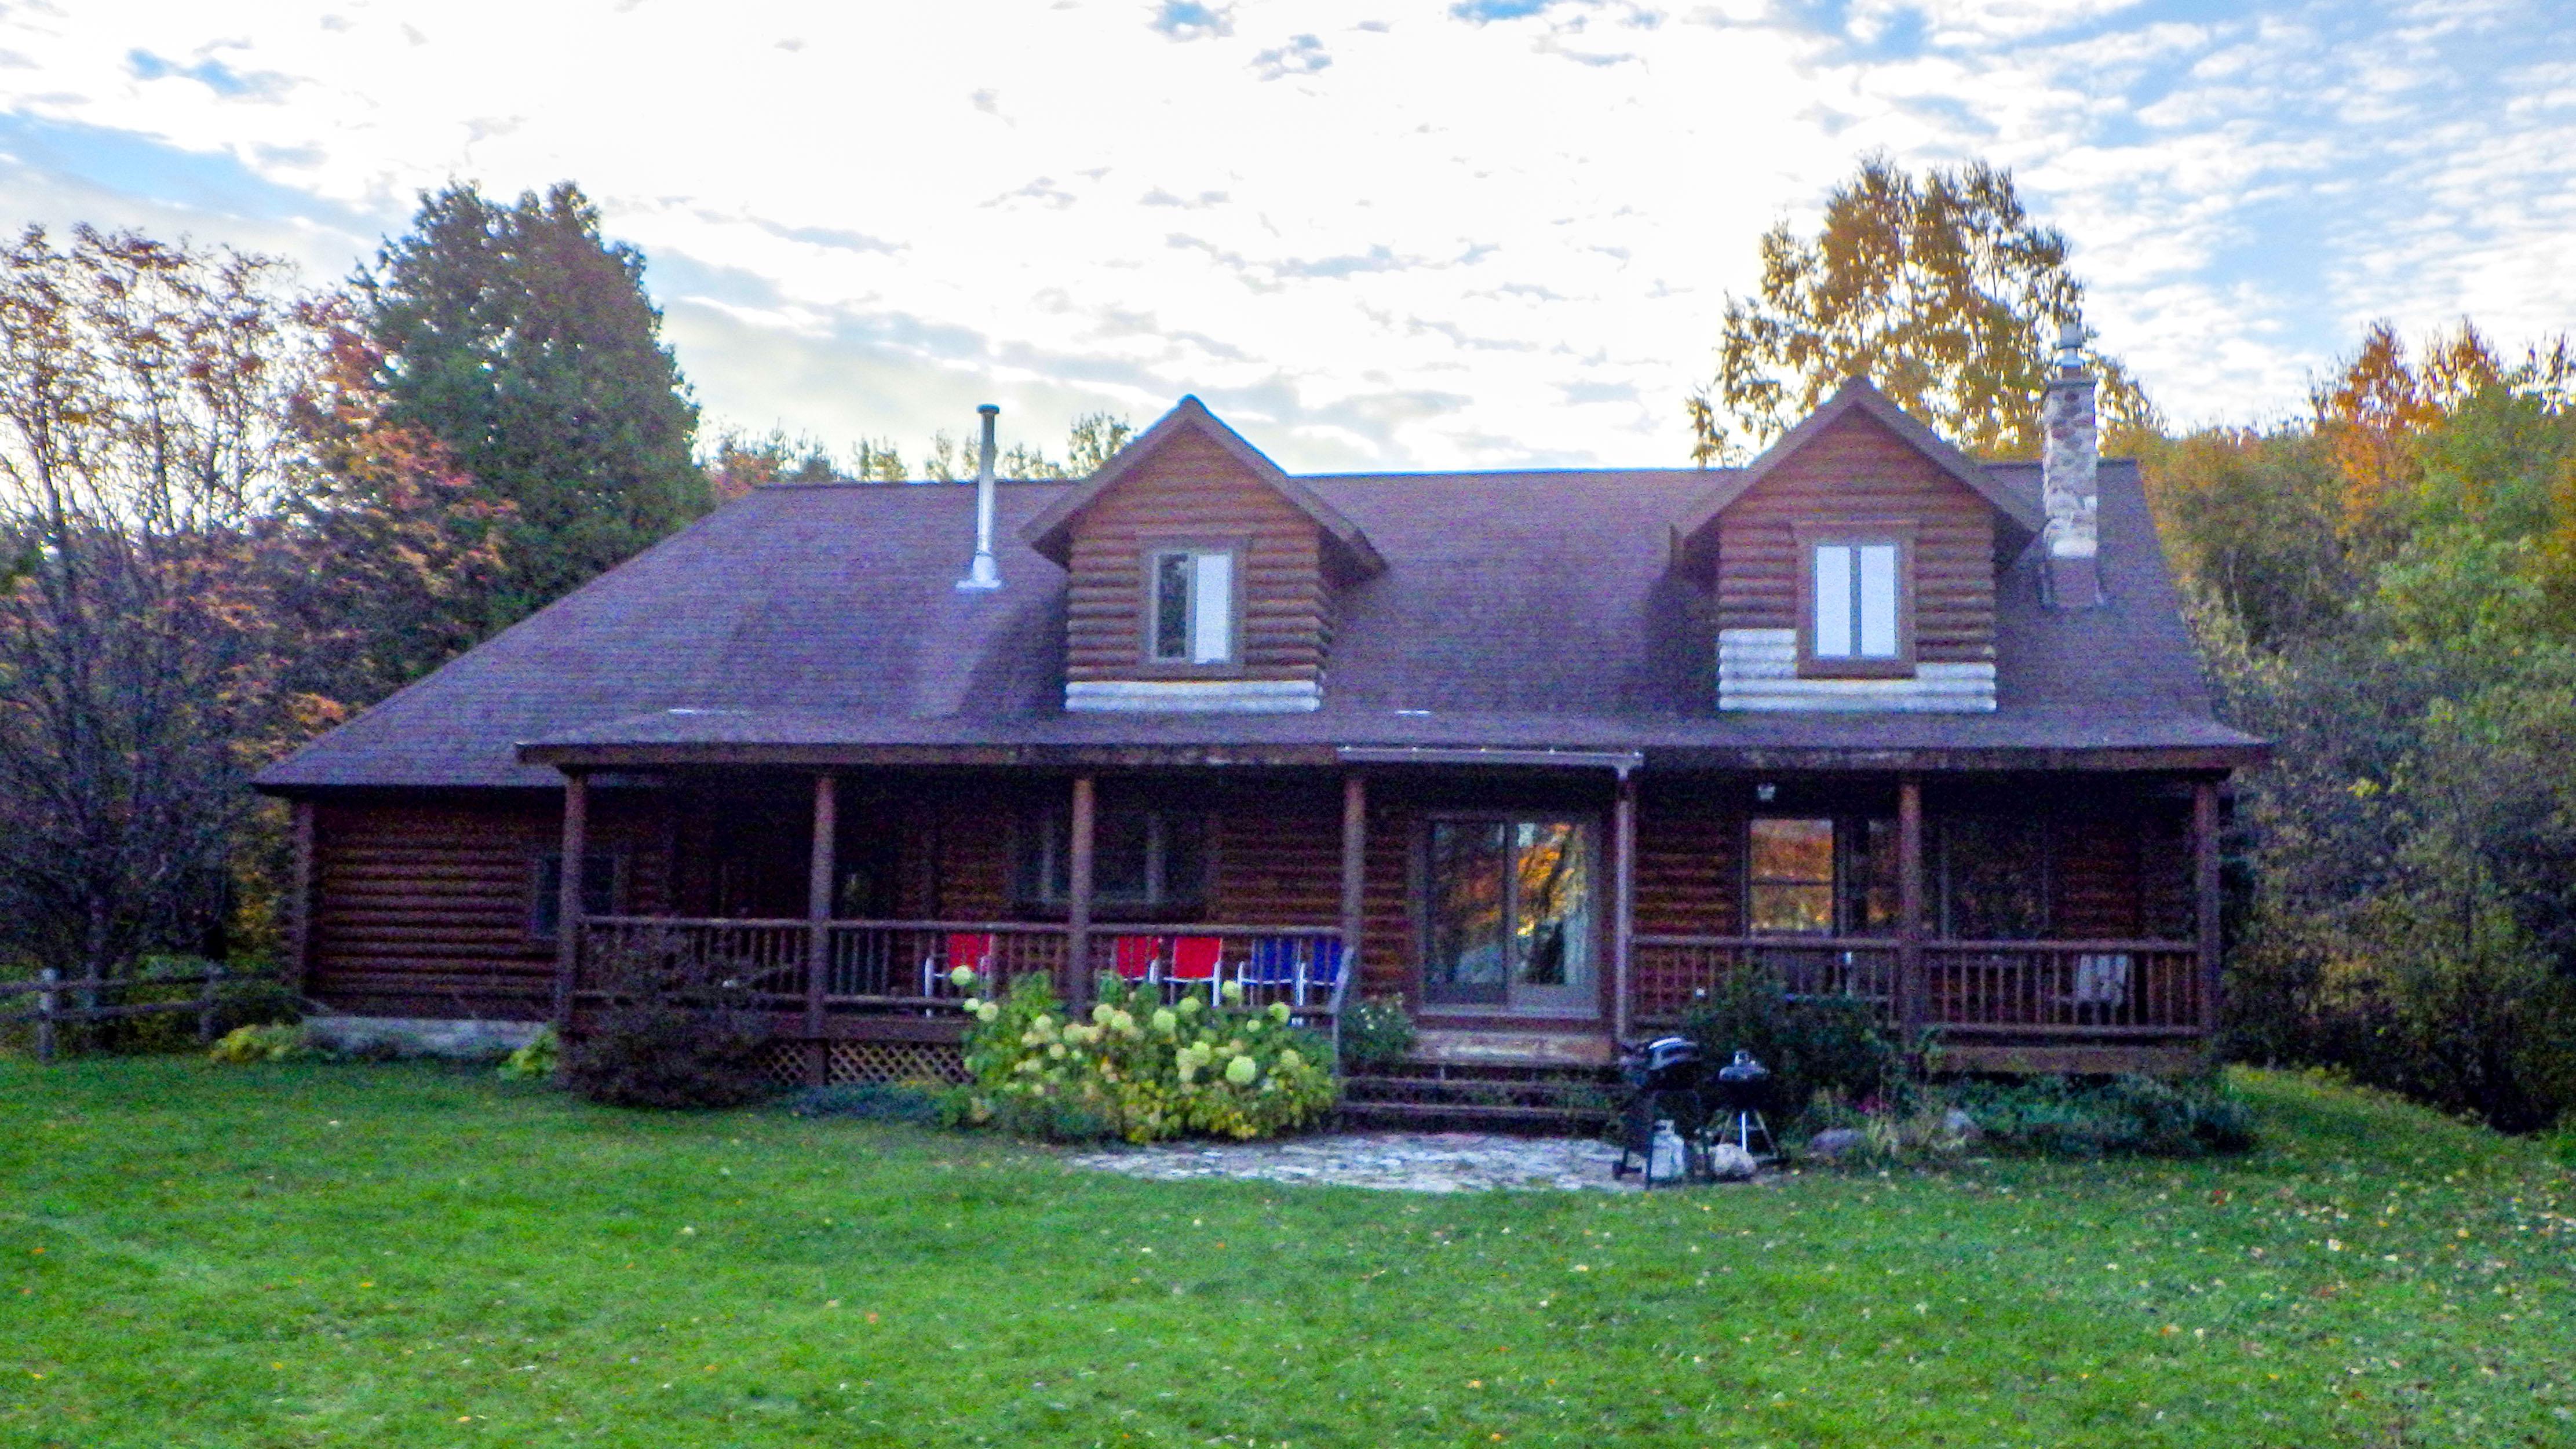 Lee lab cabin